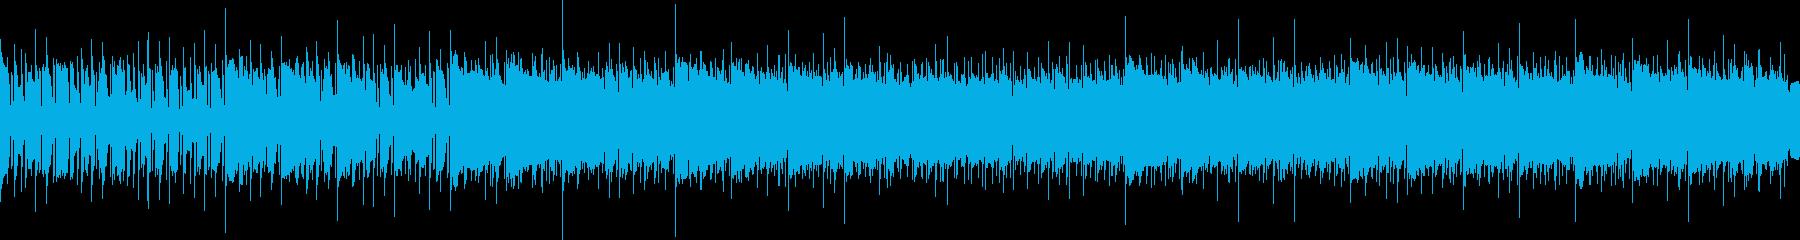 ジャジービートにアナログシンセが光りますの再生済みの波形